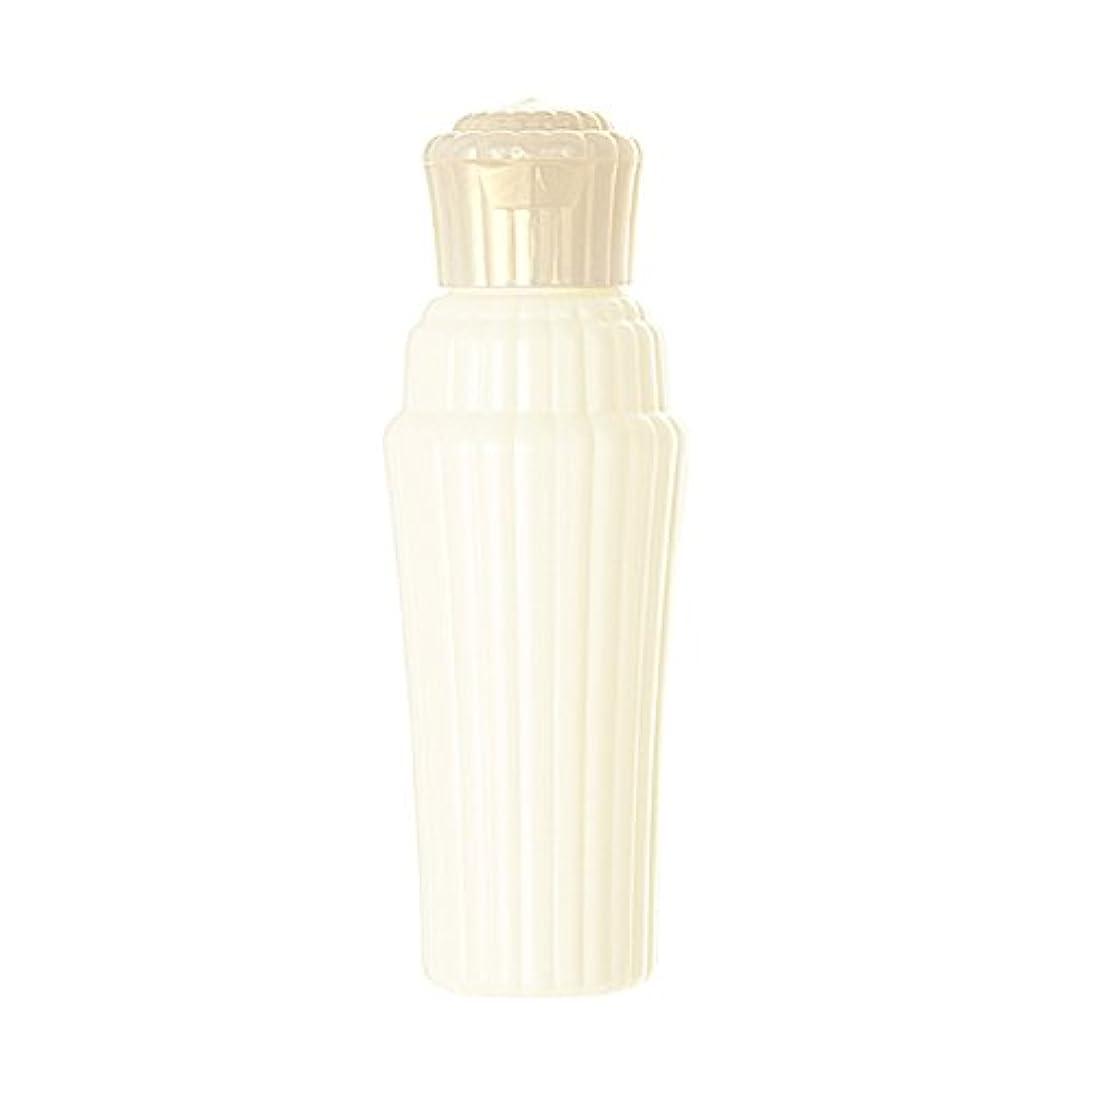 スケジュールアパル自治的アユーラ (AYURA) クリアフォーミングミルク 150mL 〈ミルク状洗顔料〉